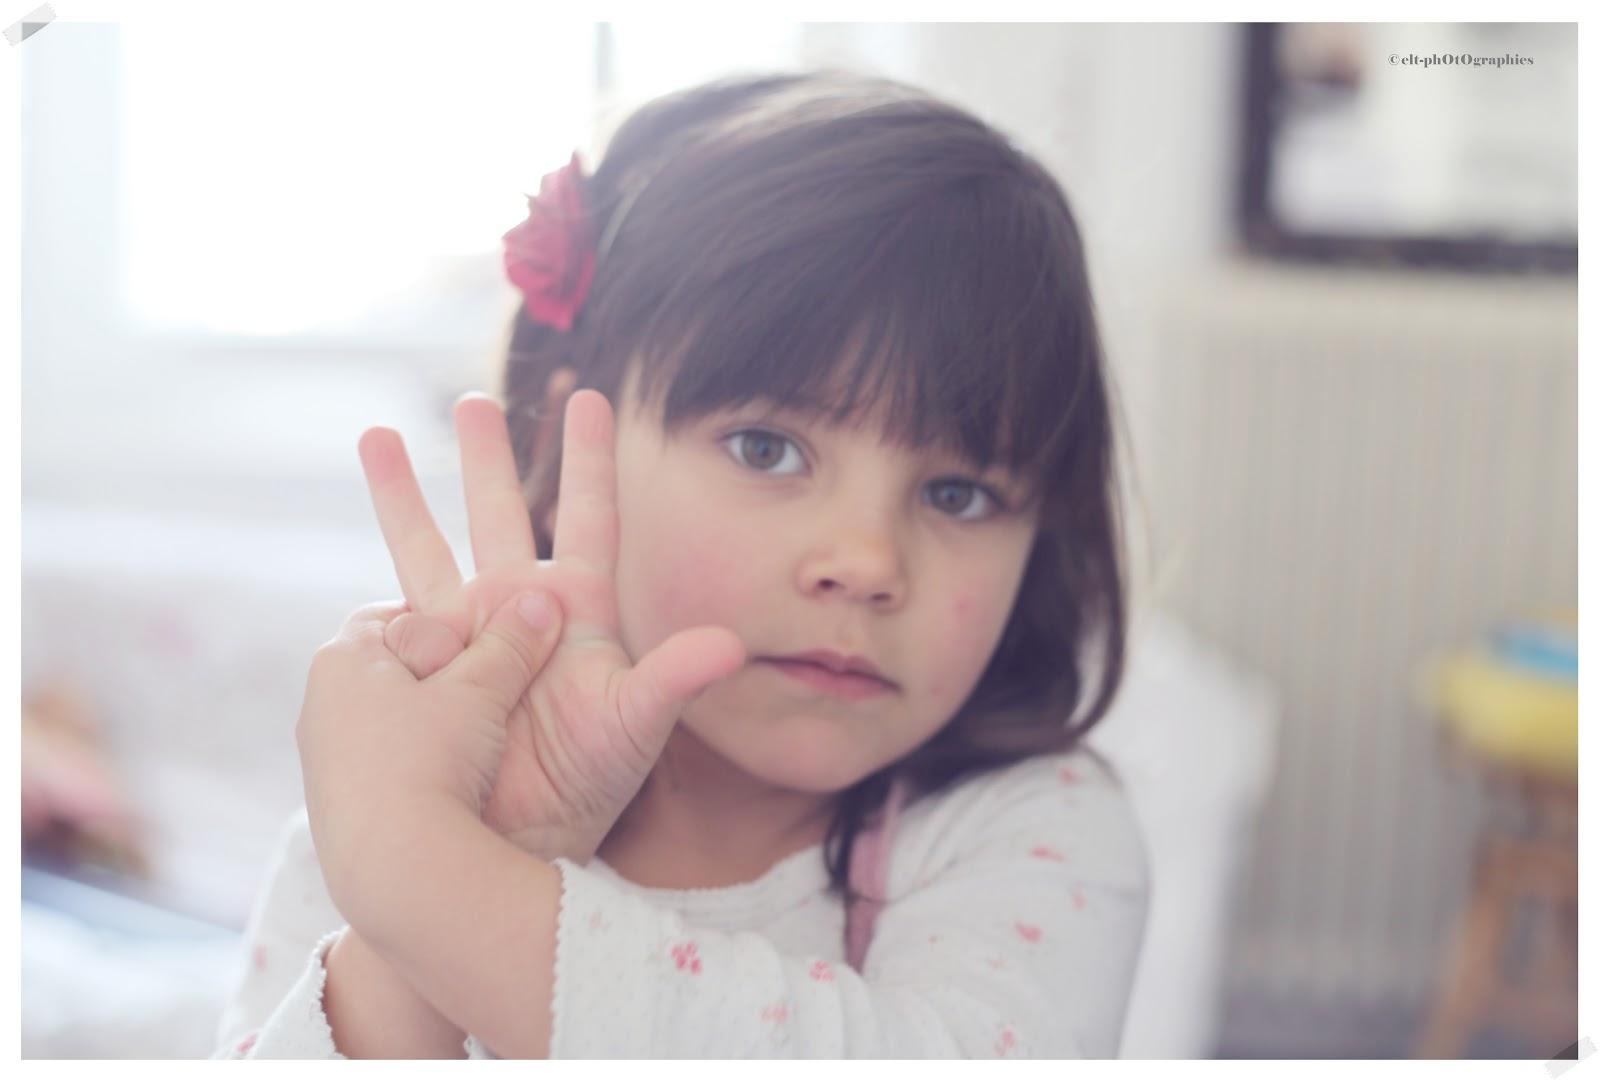 #7F524C { Petite Chambre Noire }: Violette's Day 2497 Petite Chambre Noire Instagram 1600x1081 px @ aertt.com